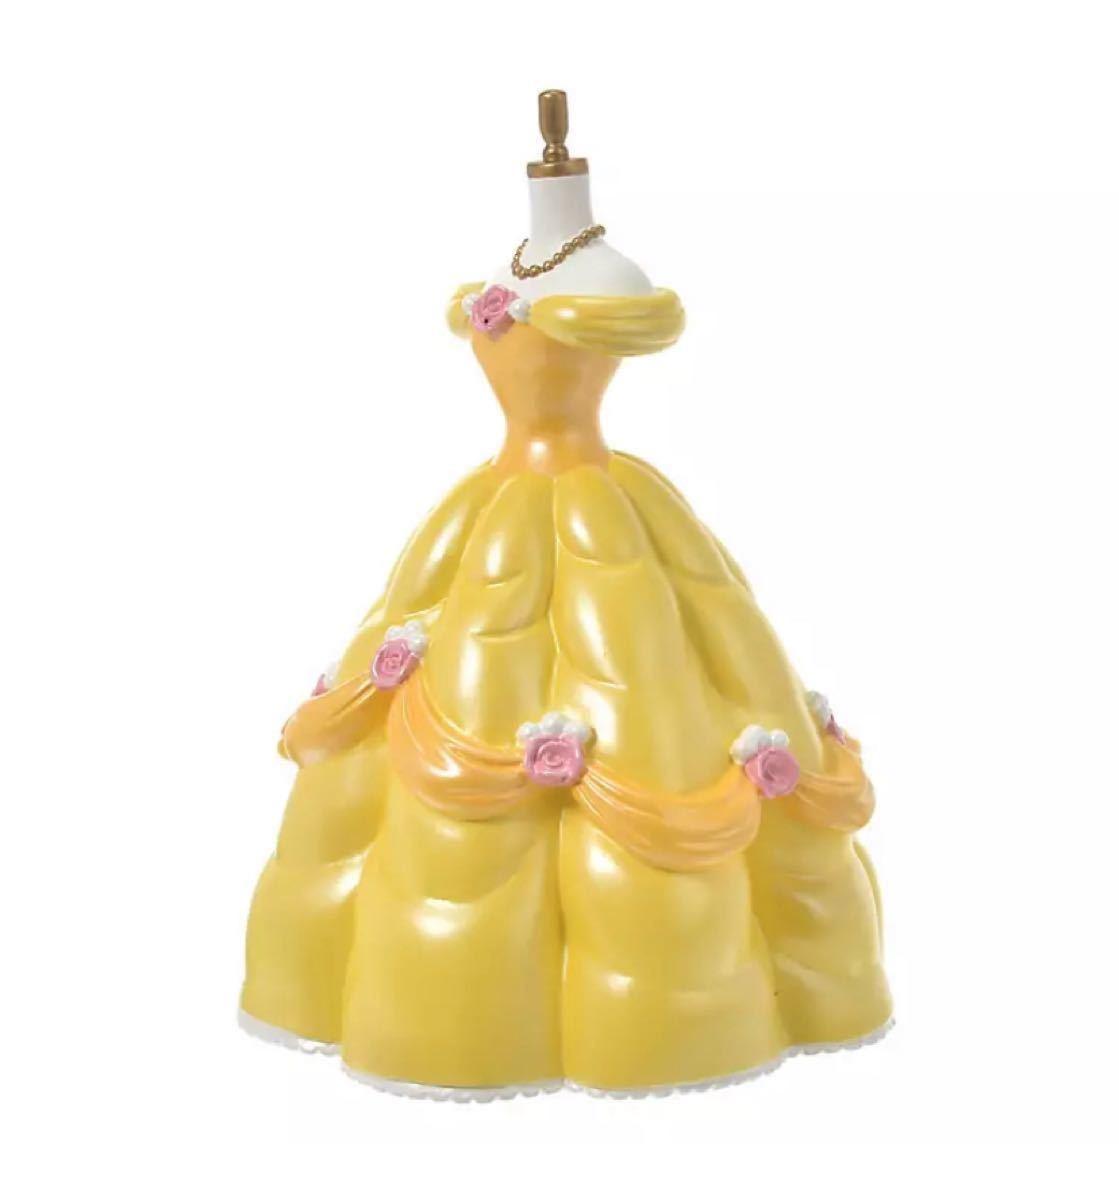 ベル フィギュア ドレス 美女と野獣 Story Collection